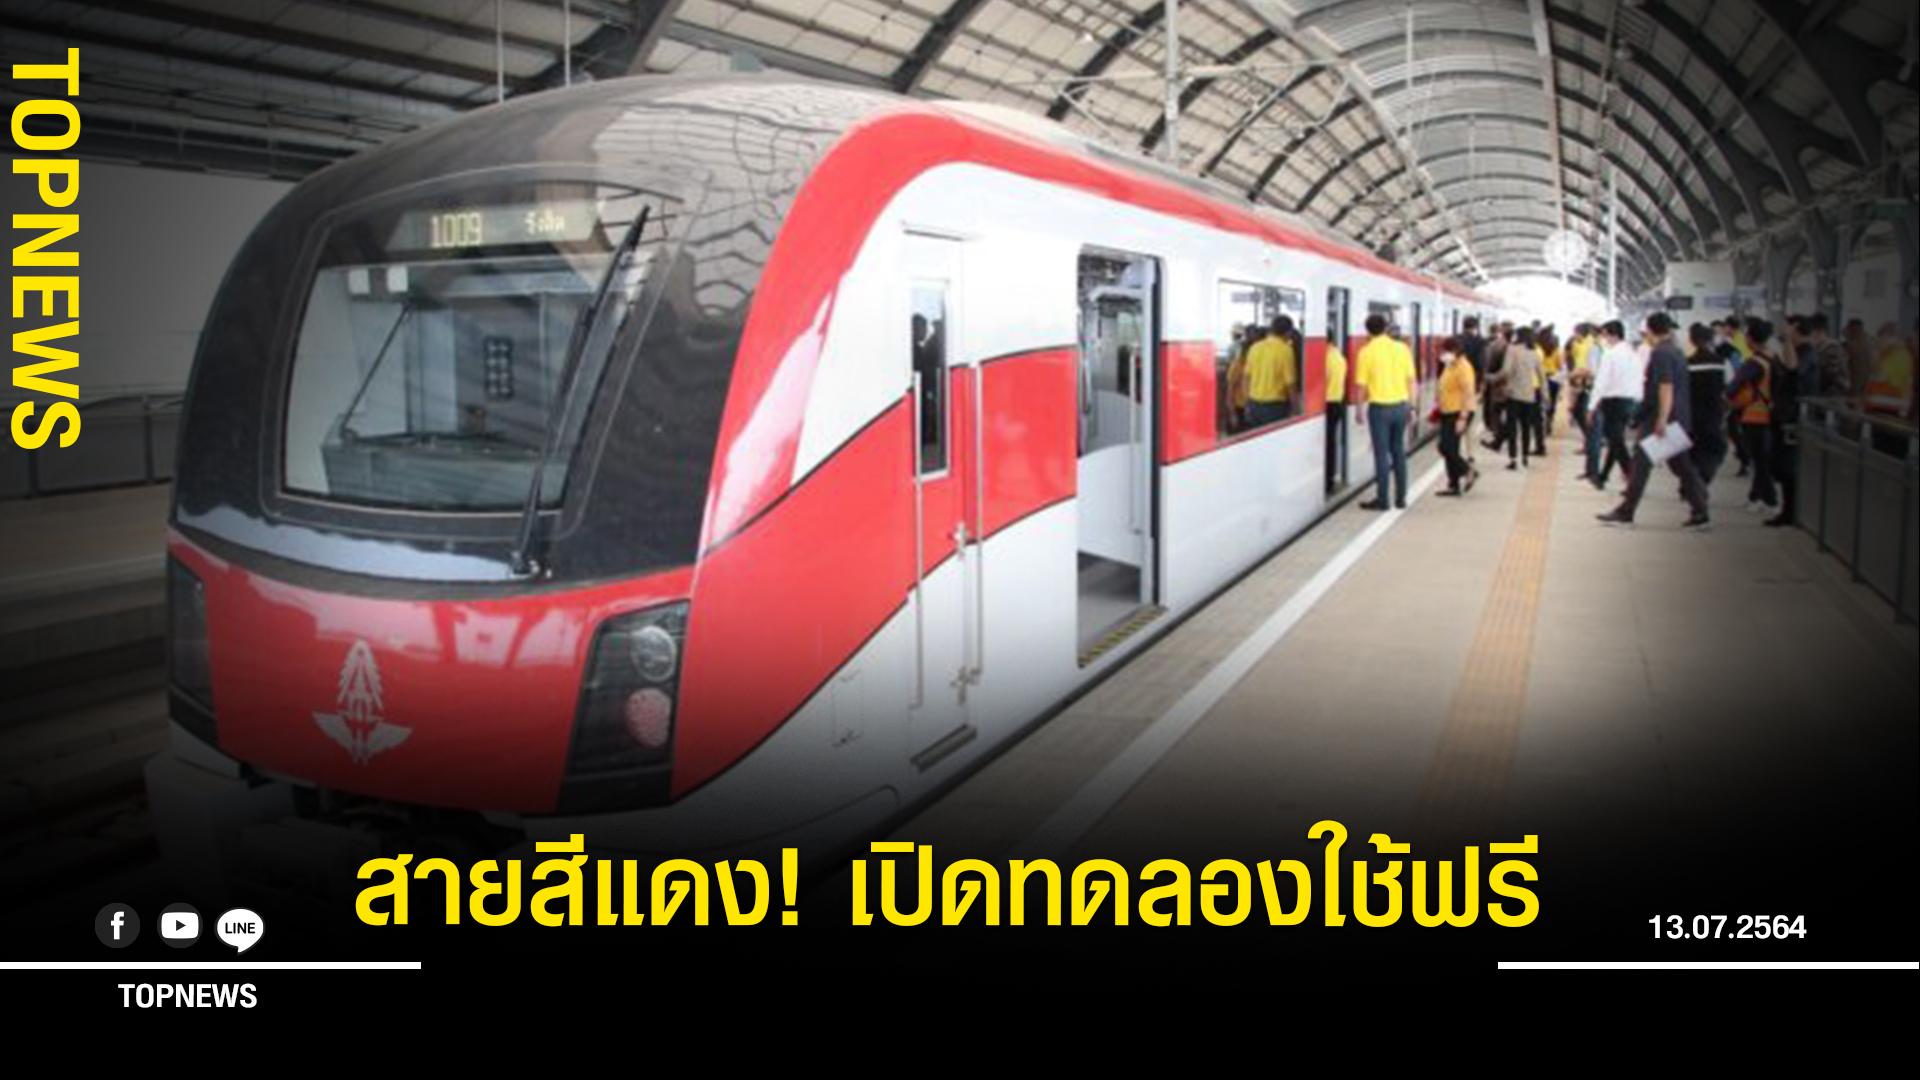 รถไฟฟ้าสายสีแดง เตรียมเปิดทดลองใช้ฟรี 2 ส.ค.นี้